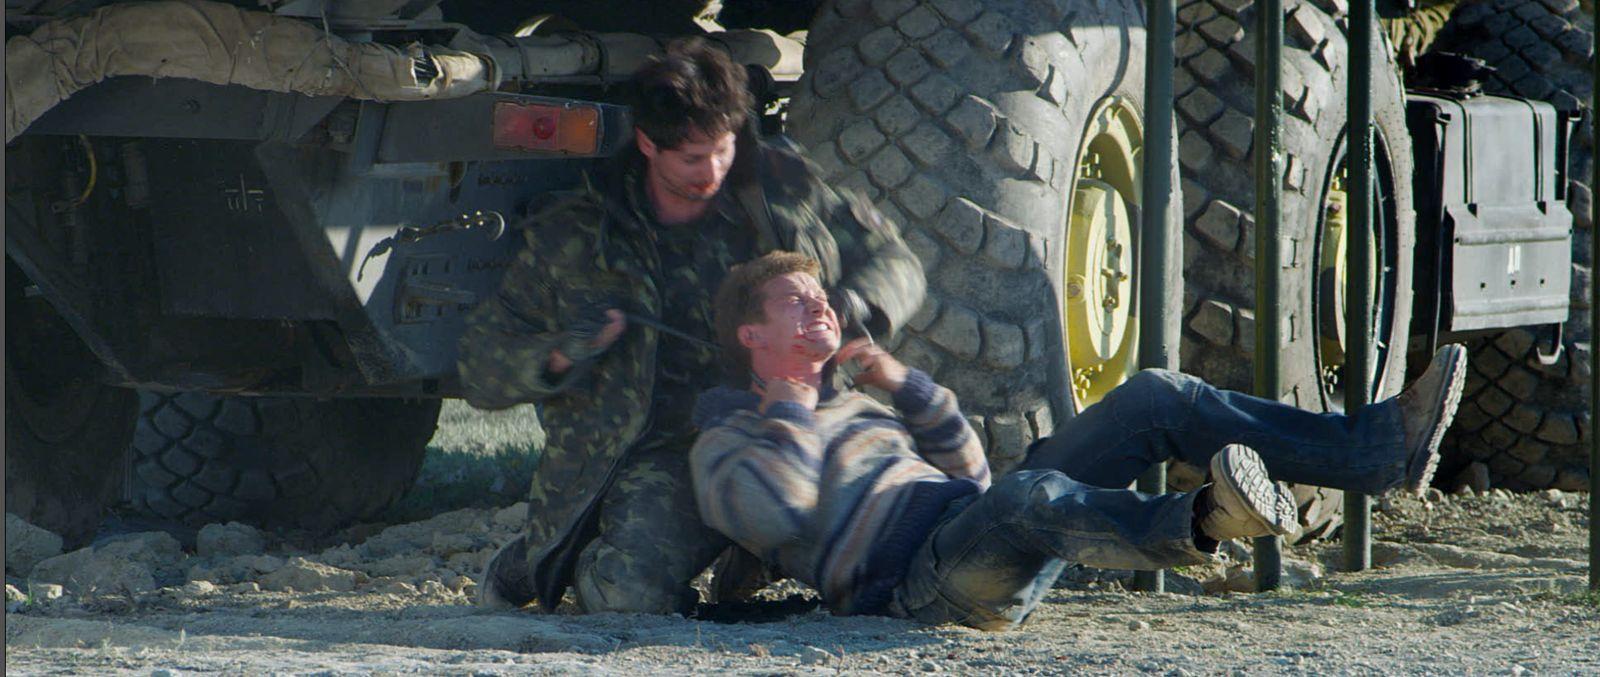 Крым 2017 смотреть онлайн бесплатно фильм в хорошем